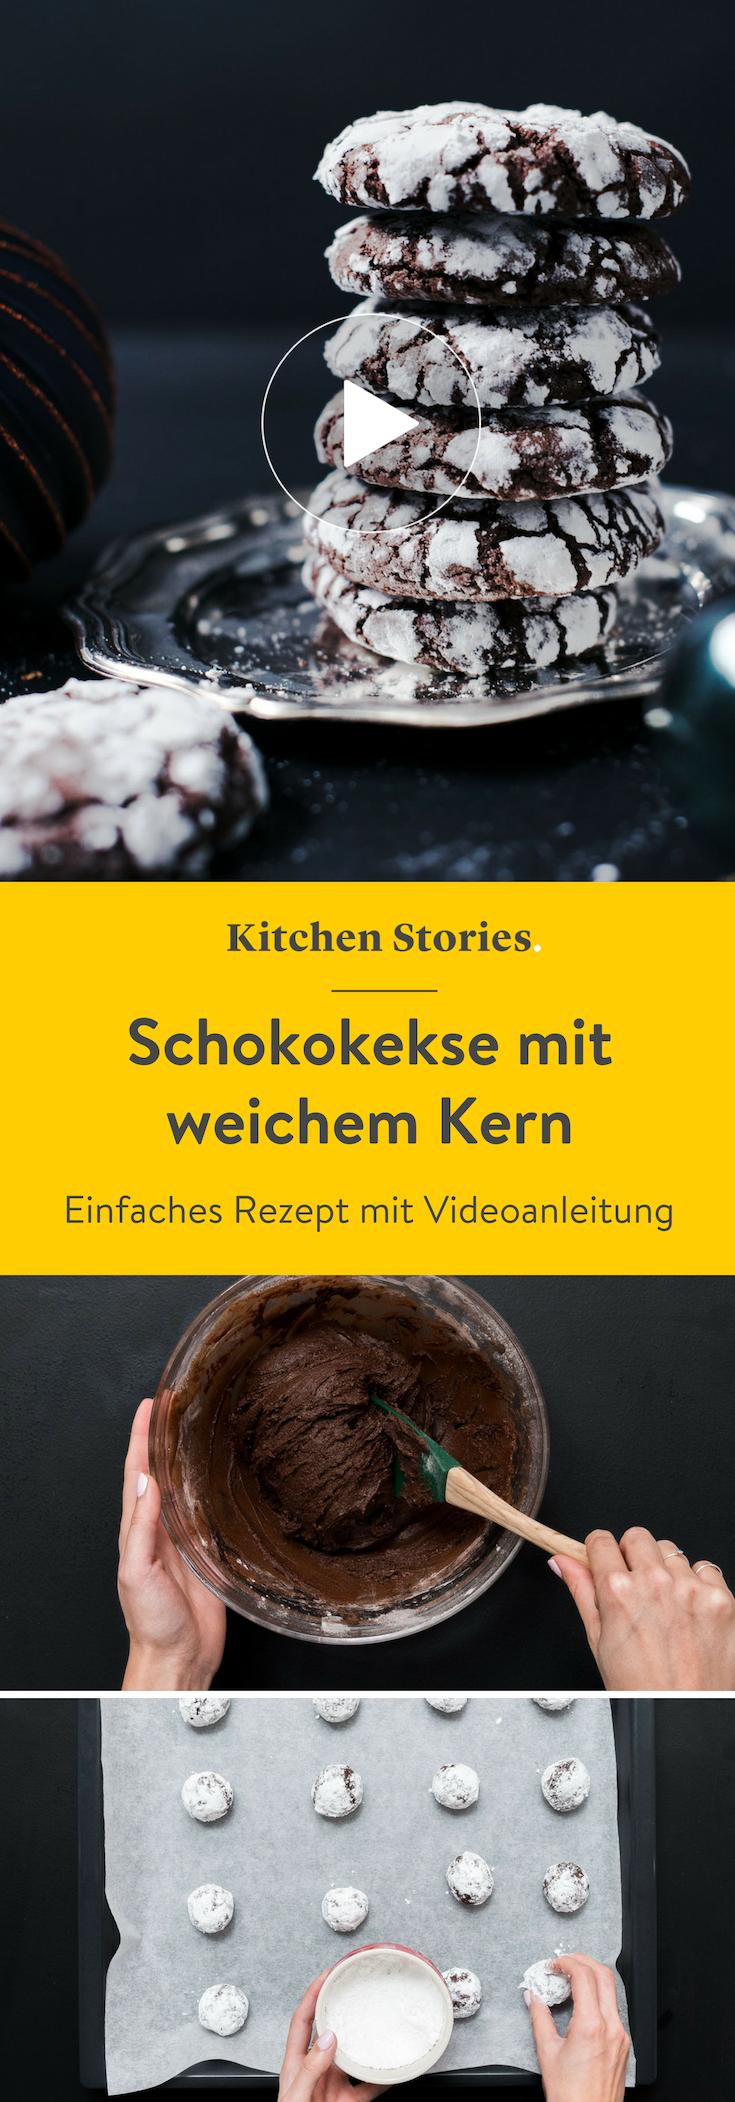 Zarte Schokokekse mit weichem Kern: Rezept | Kitchen Stories